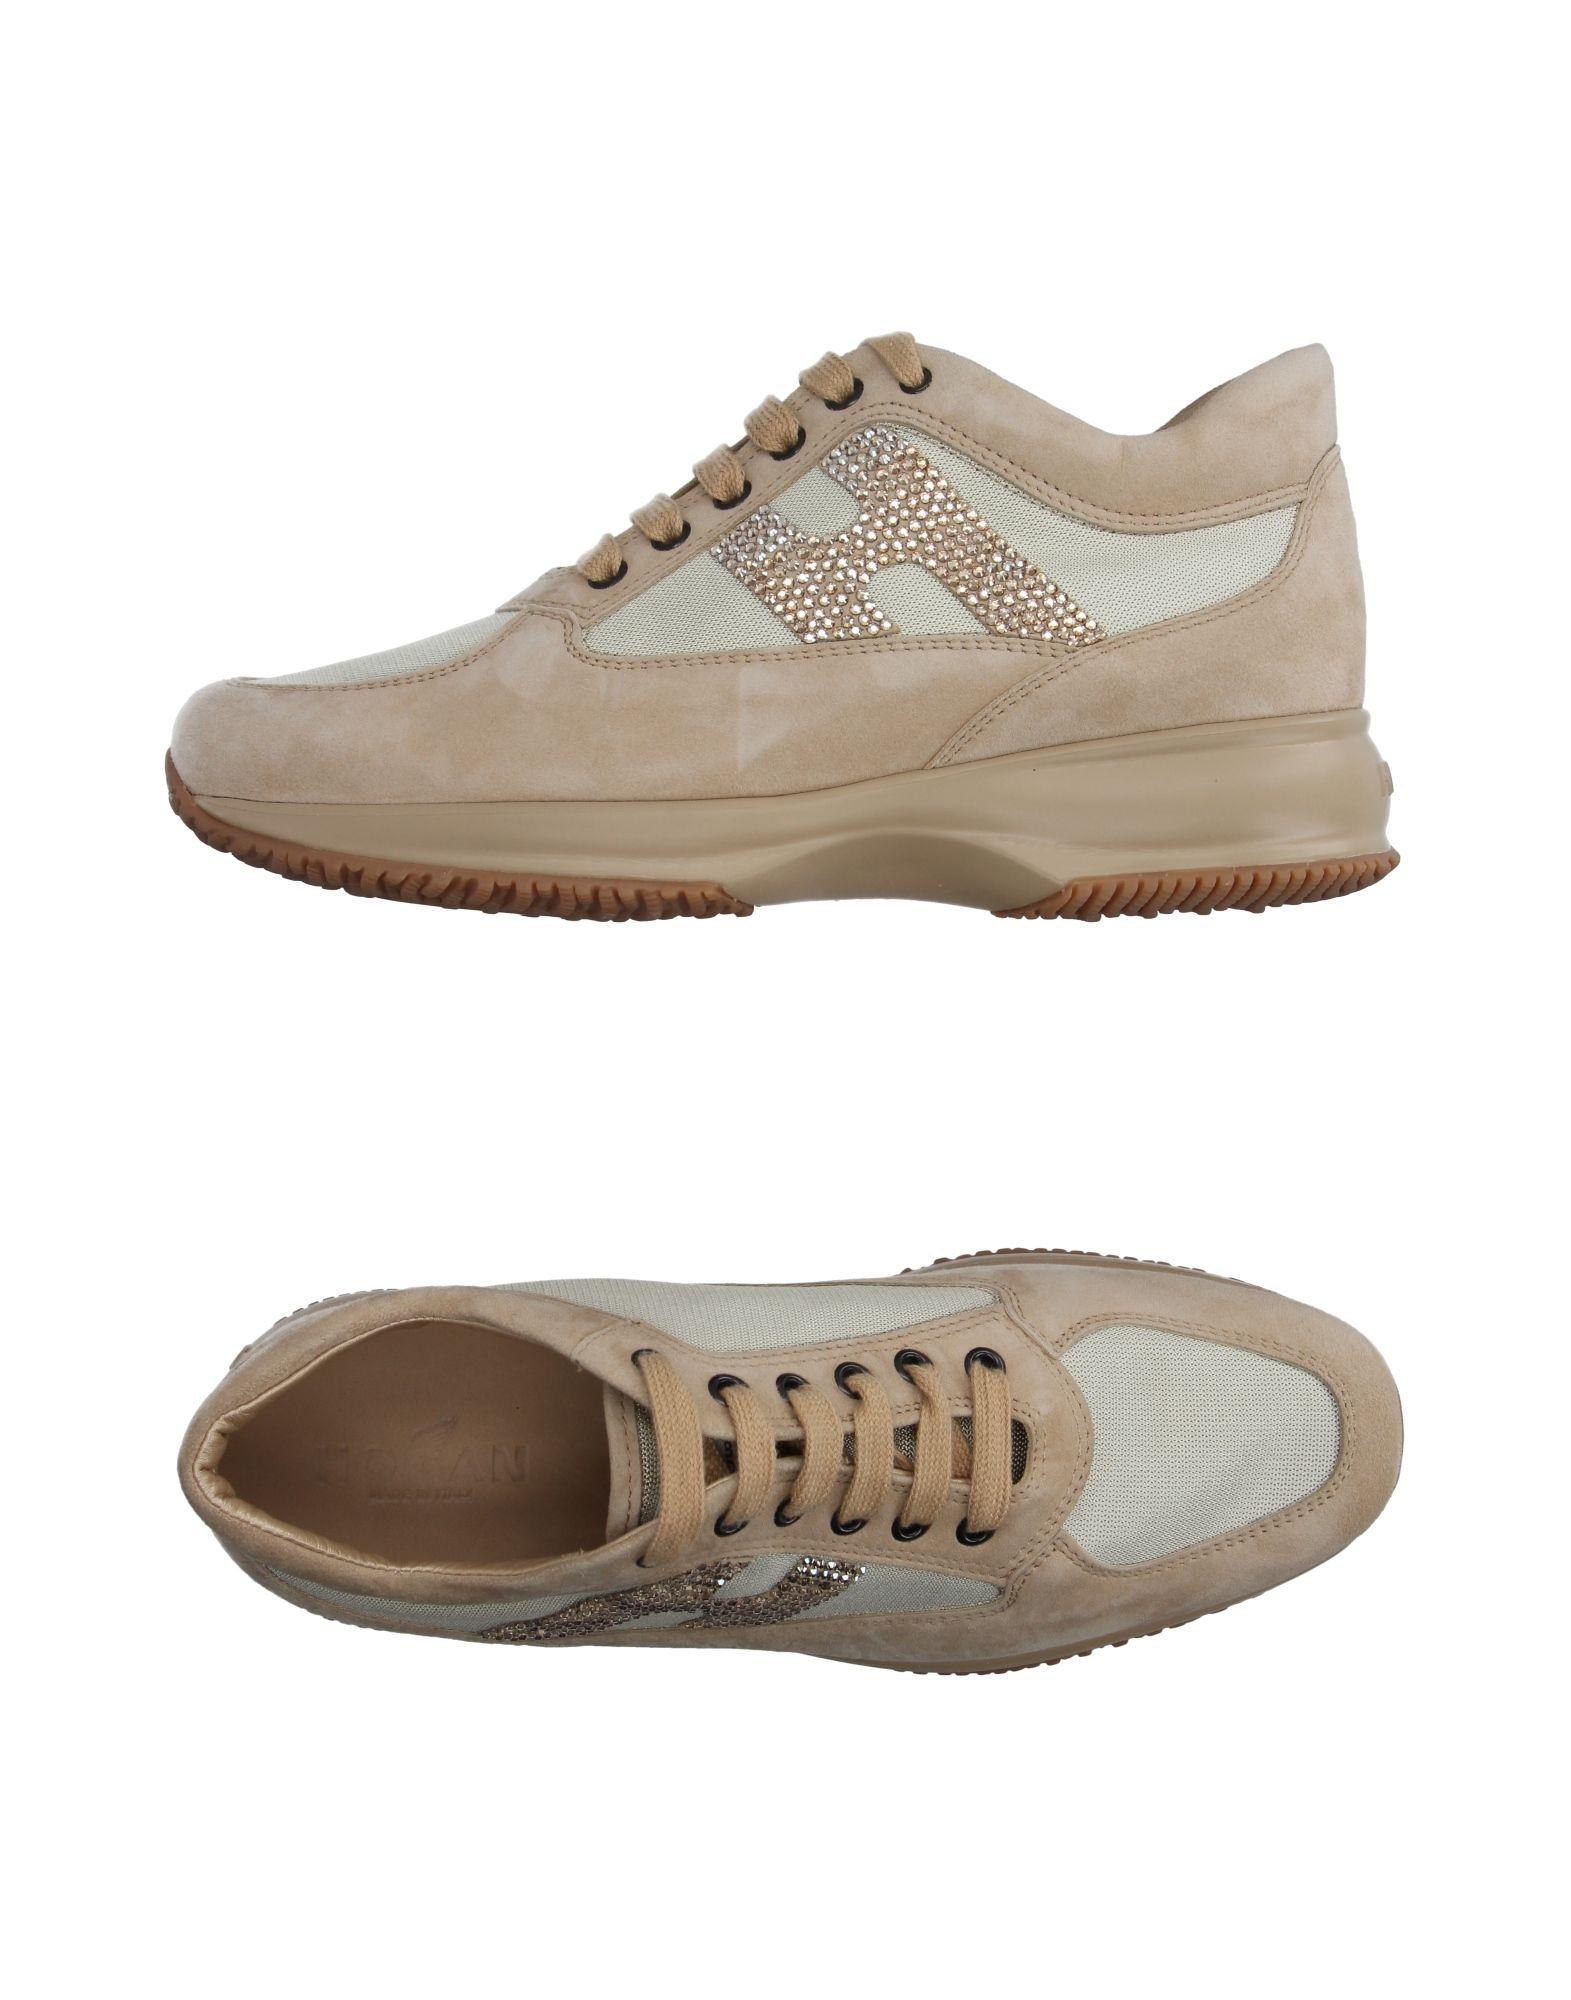 ac37fbc6973 HOGAN - Γυναικεία Αθλητικά Παπούτσια   Outfit.gr